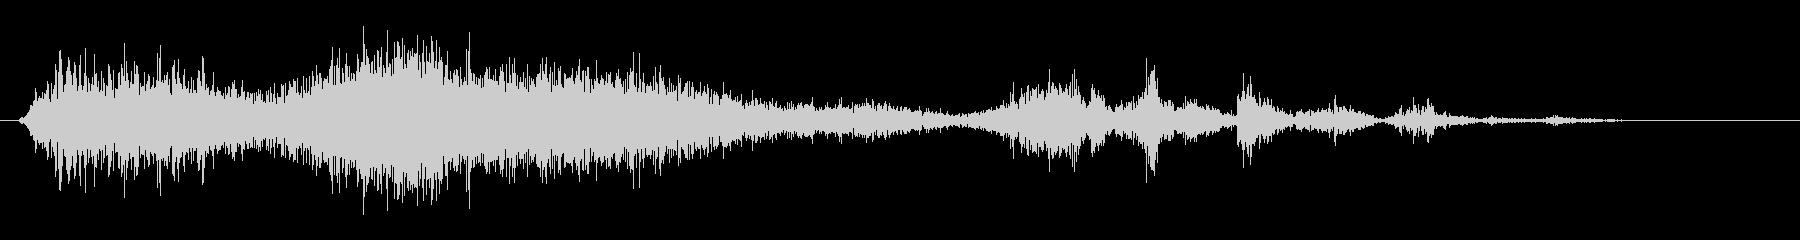 ペラリと紙をめくる音の未再生の波形